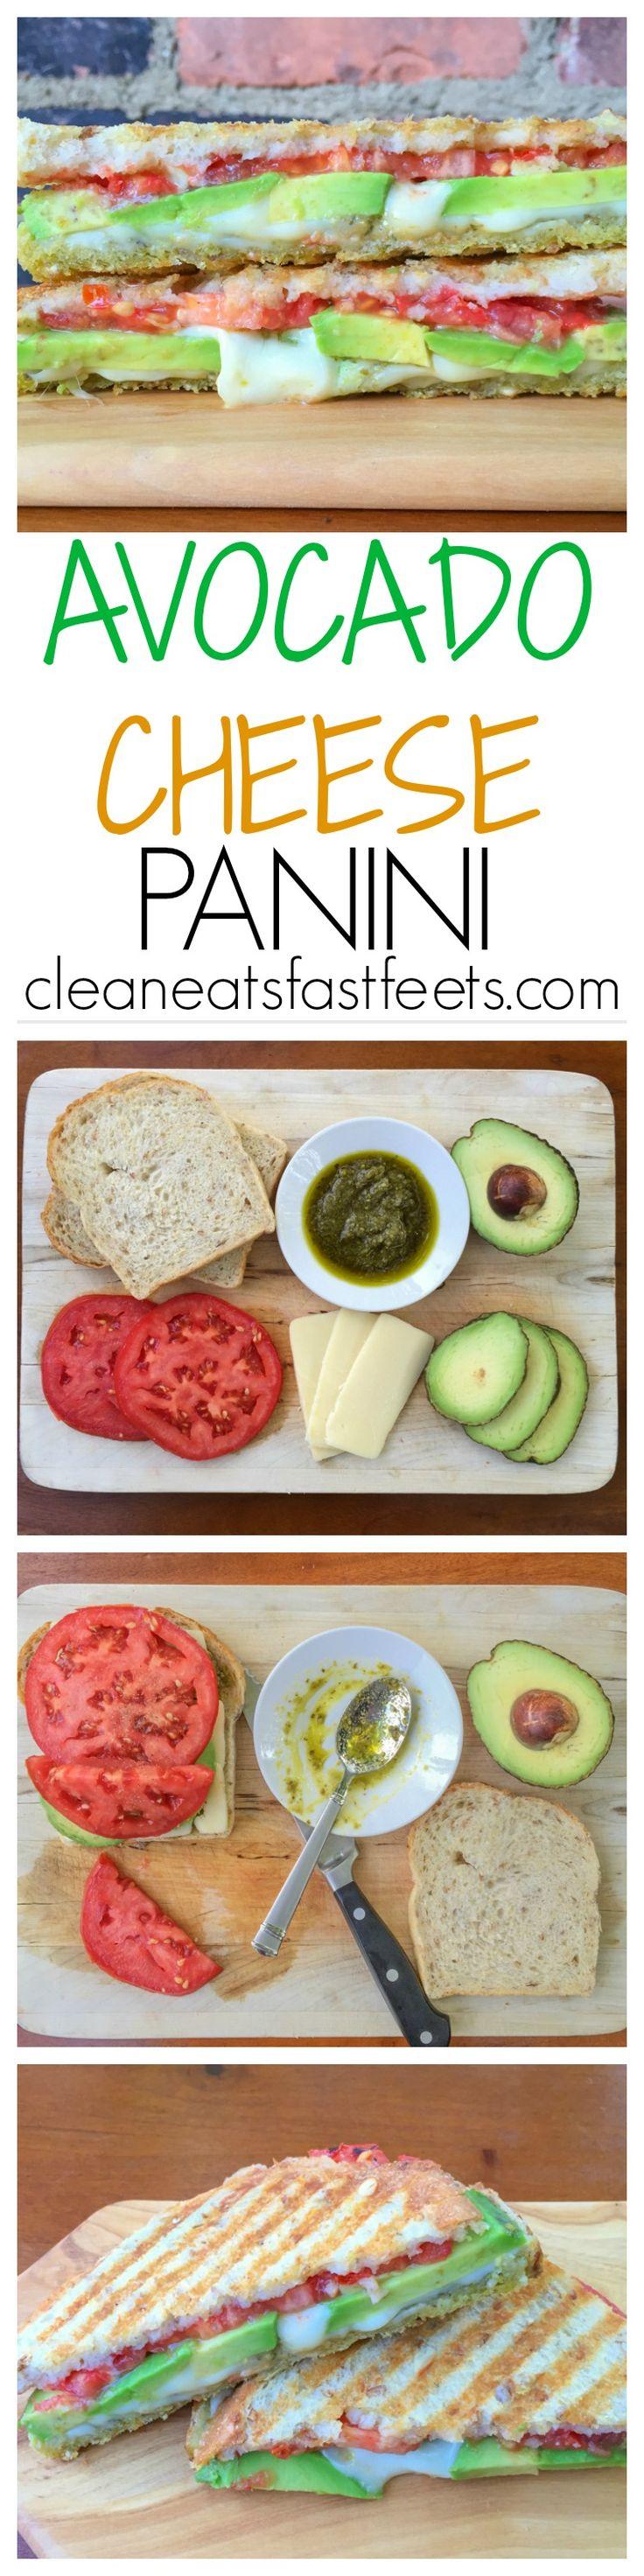 Avocado Cheese Panini - the sandwich which combines creamy avocado, sun-ripened tomatoes, mozzarella cheese, and pesto.